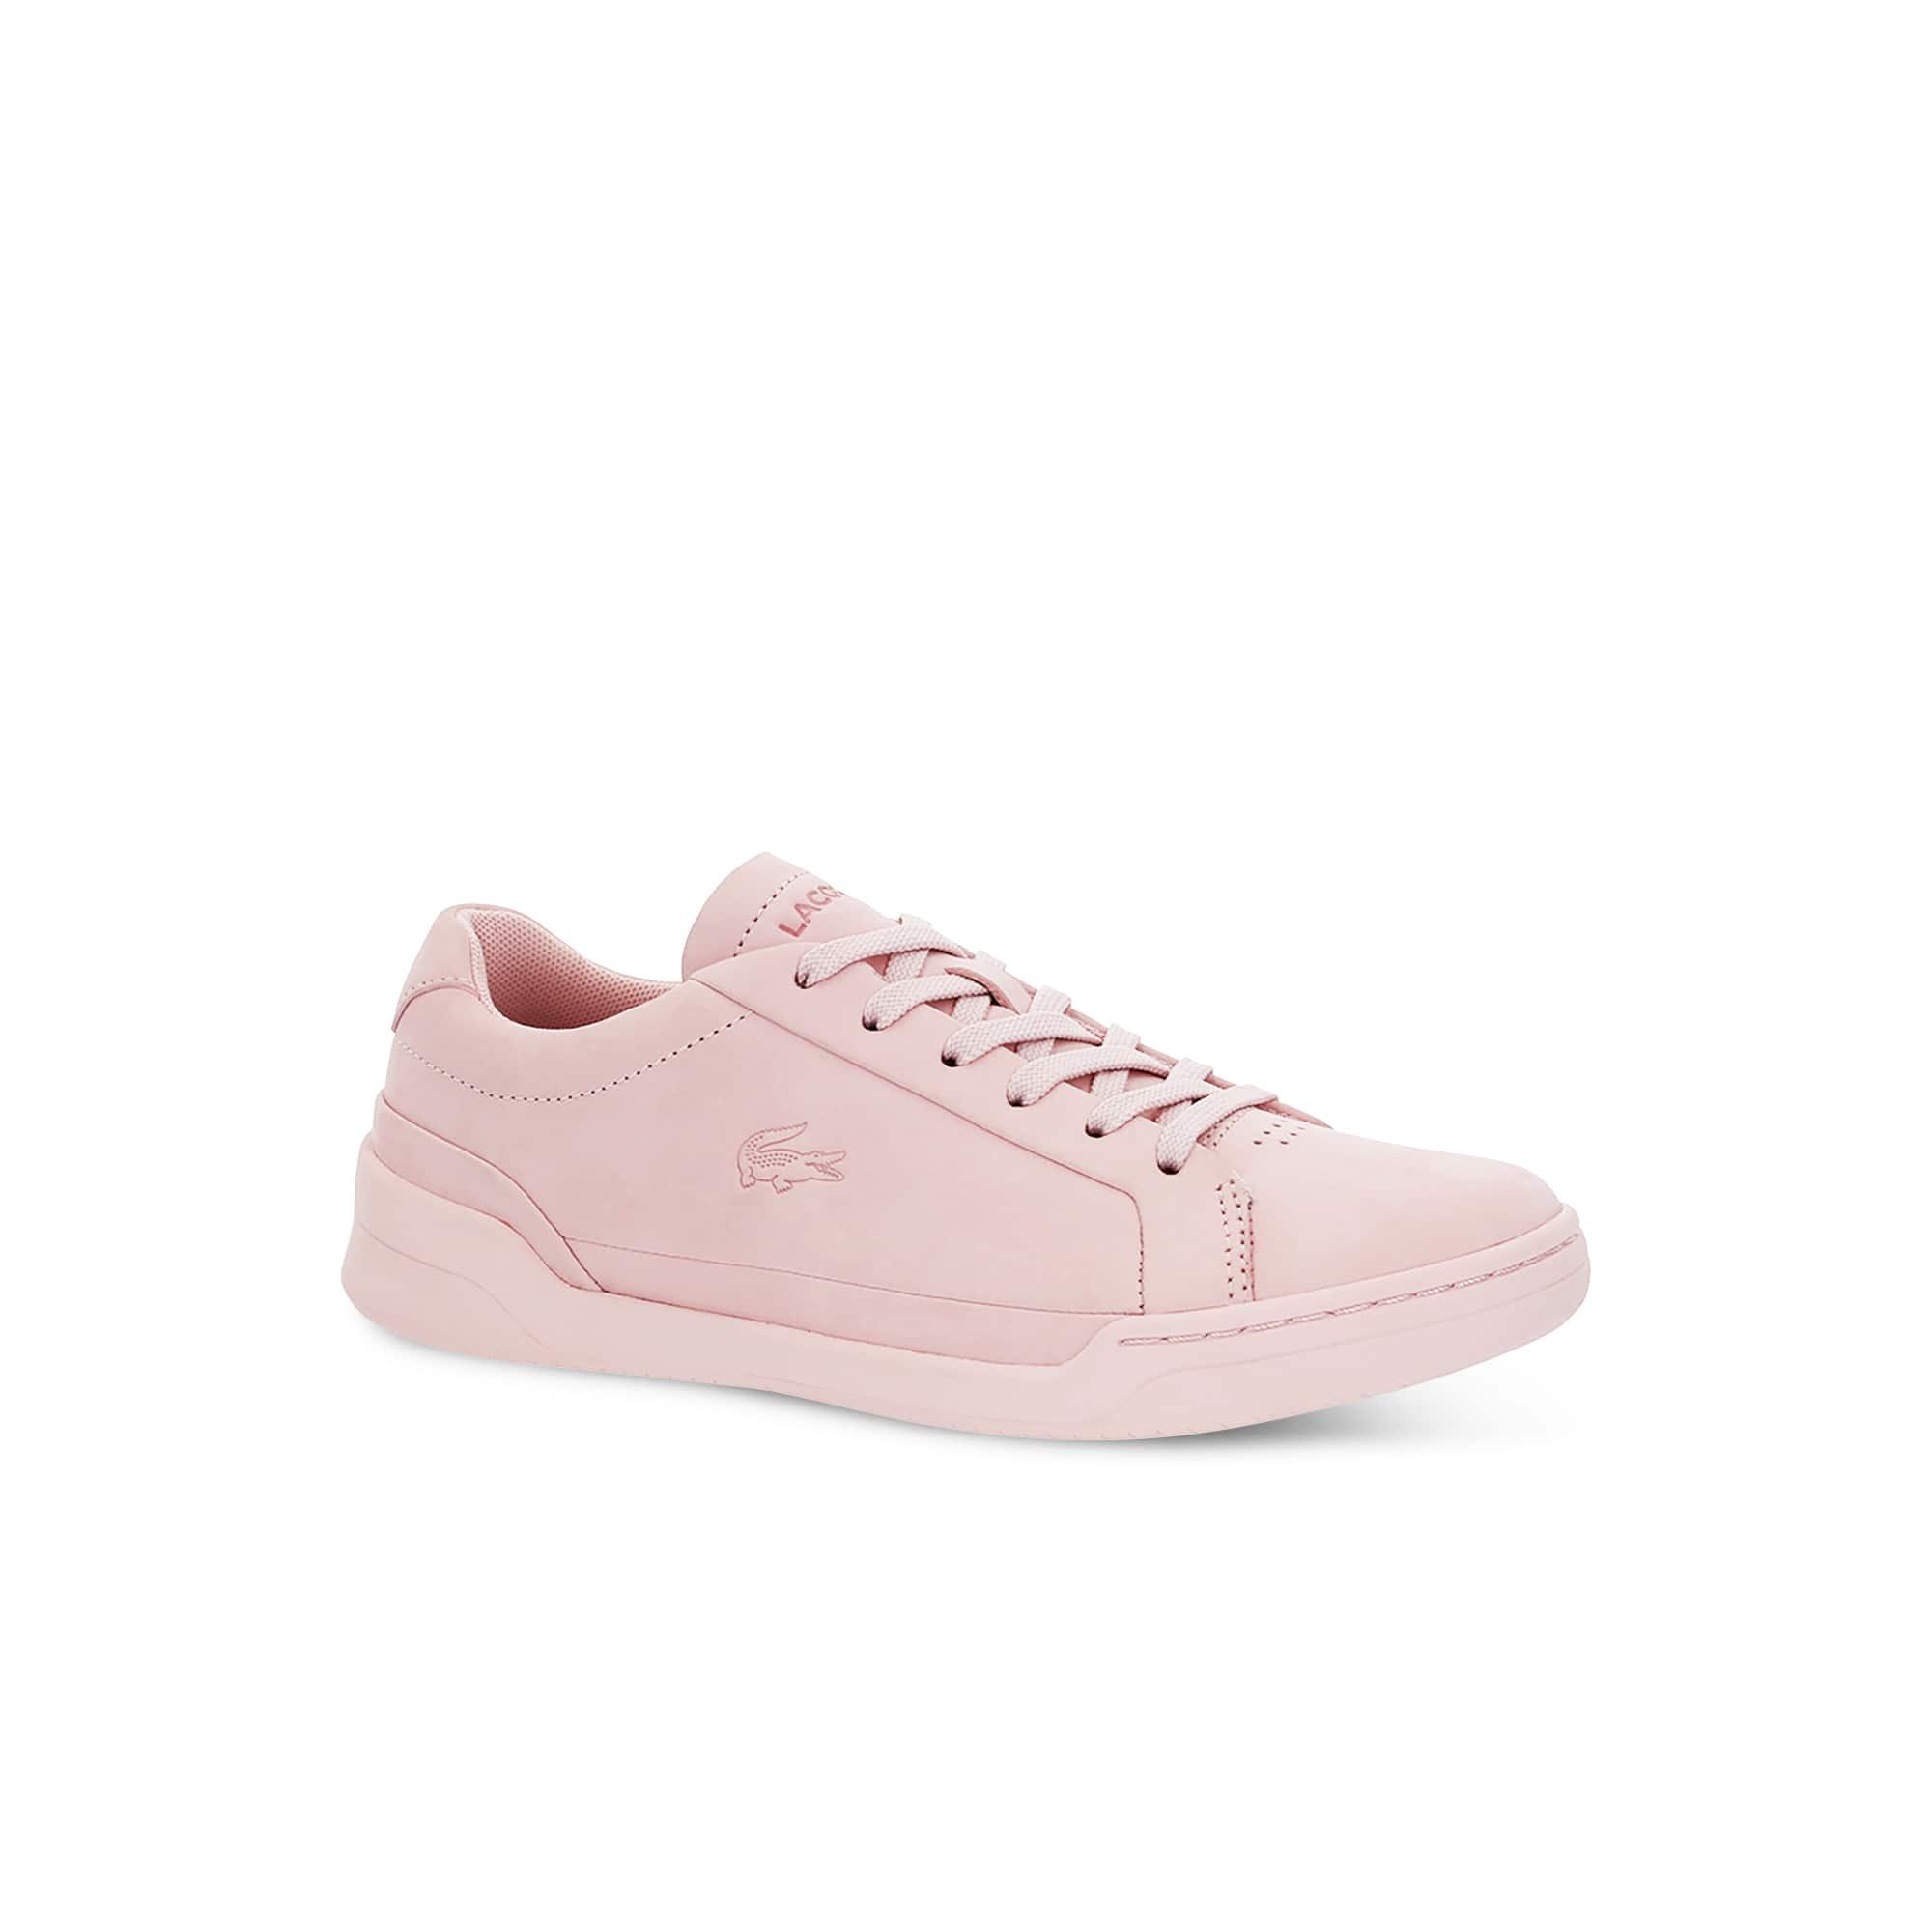 185b66783eeefc Women s Challenge Nubuck Leather Sneakers